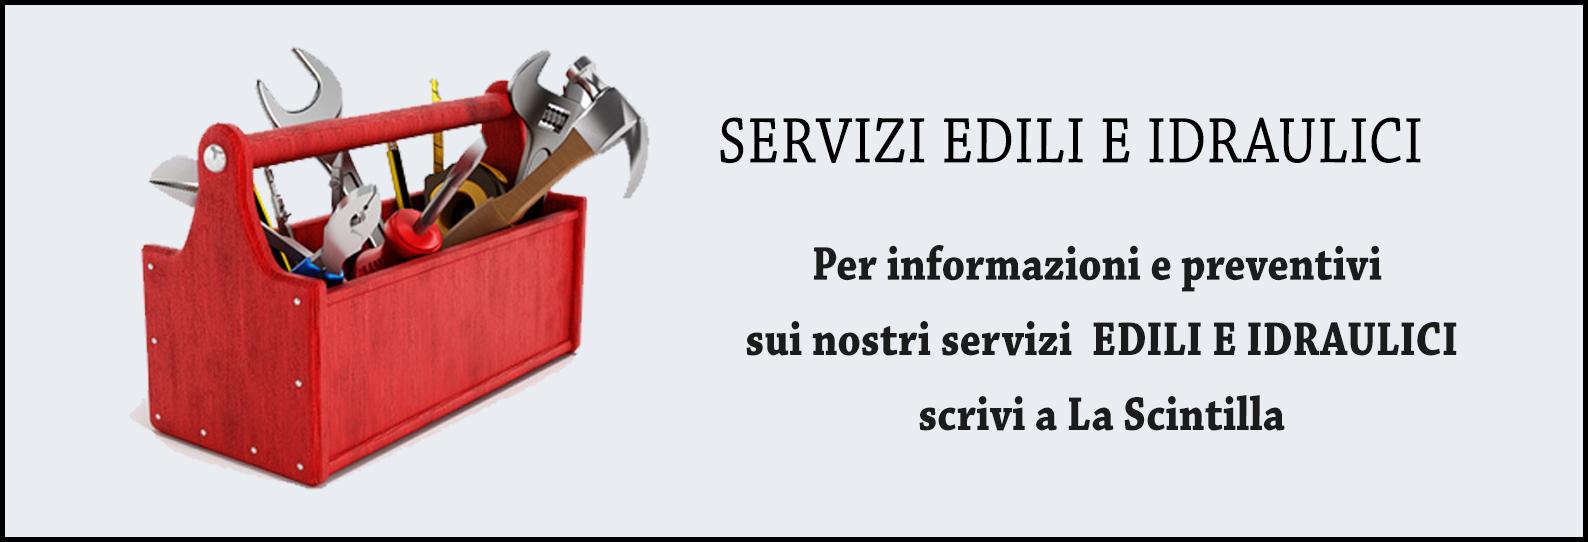 Scintilla_sito pll_banner_serviziediliidraulici